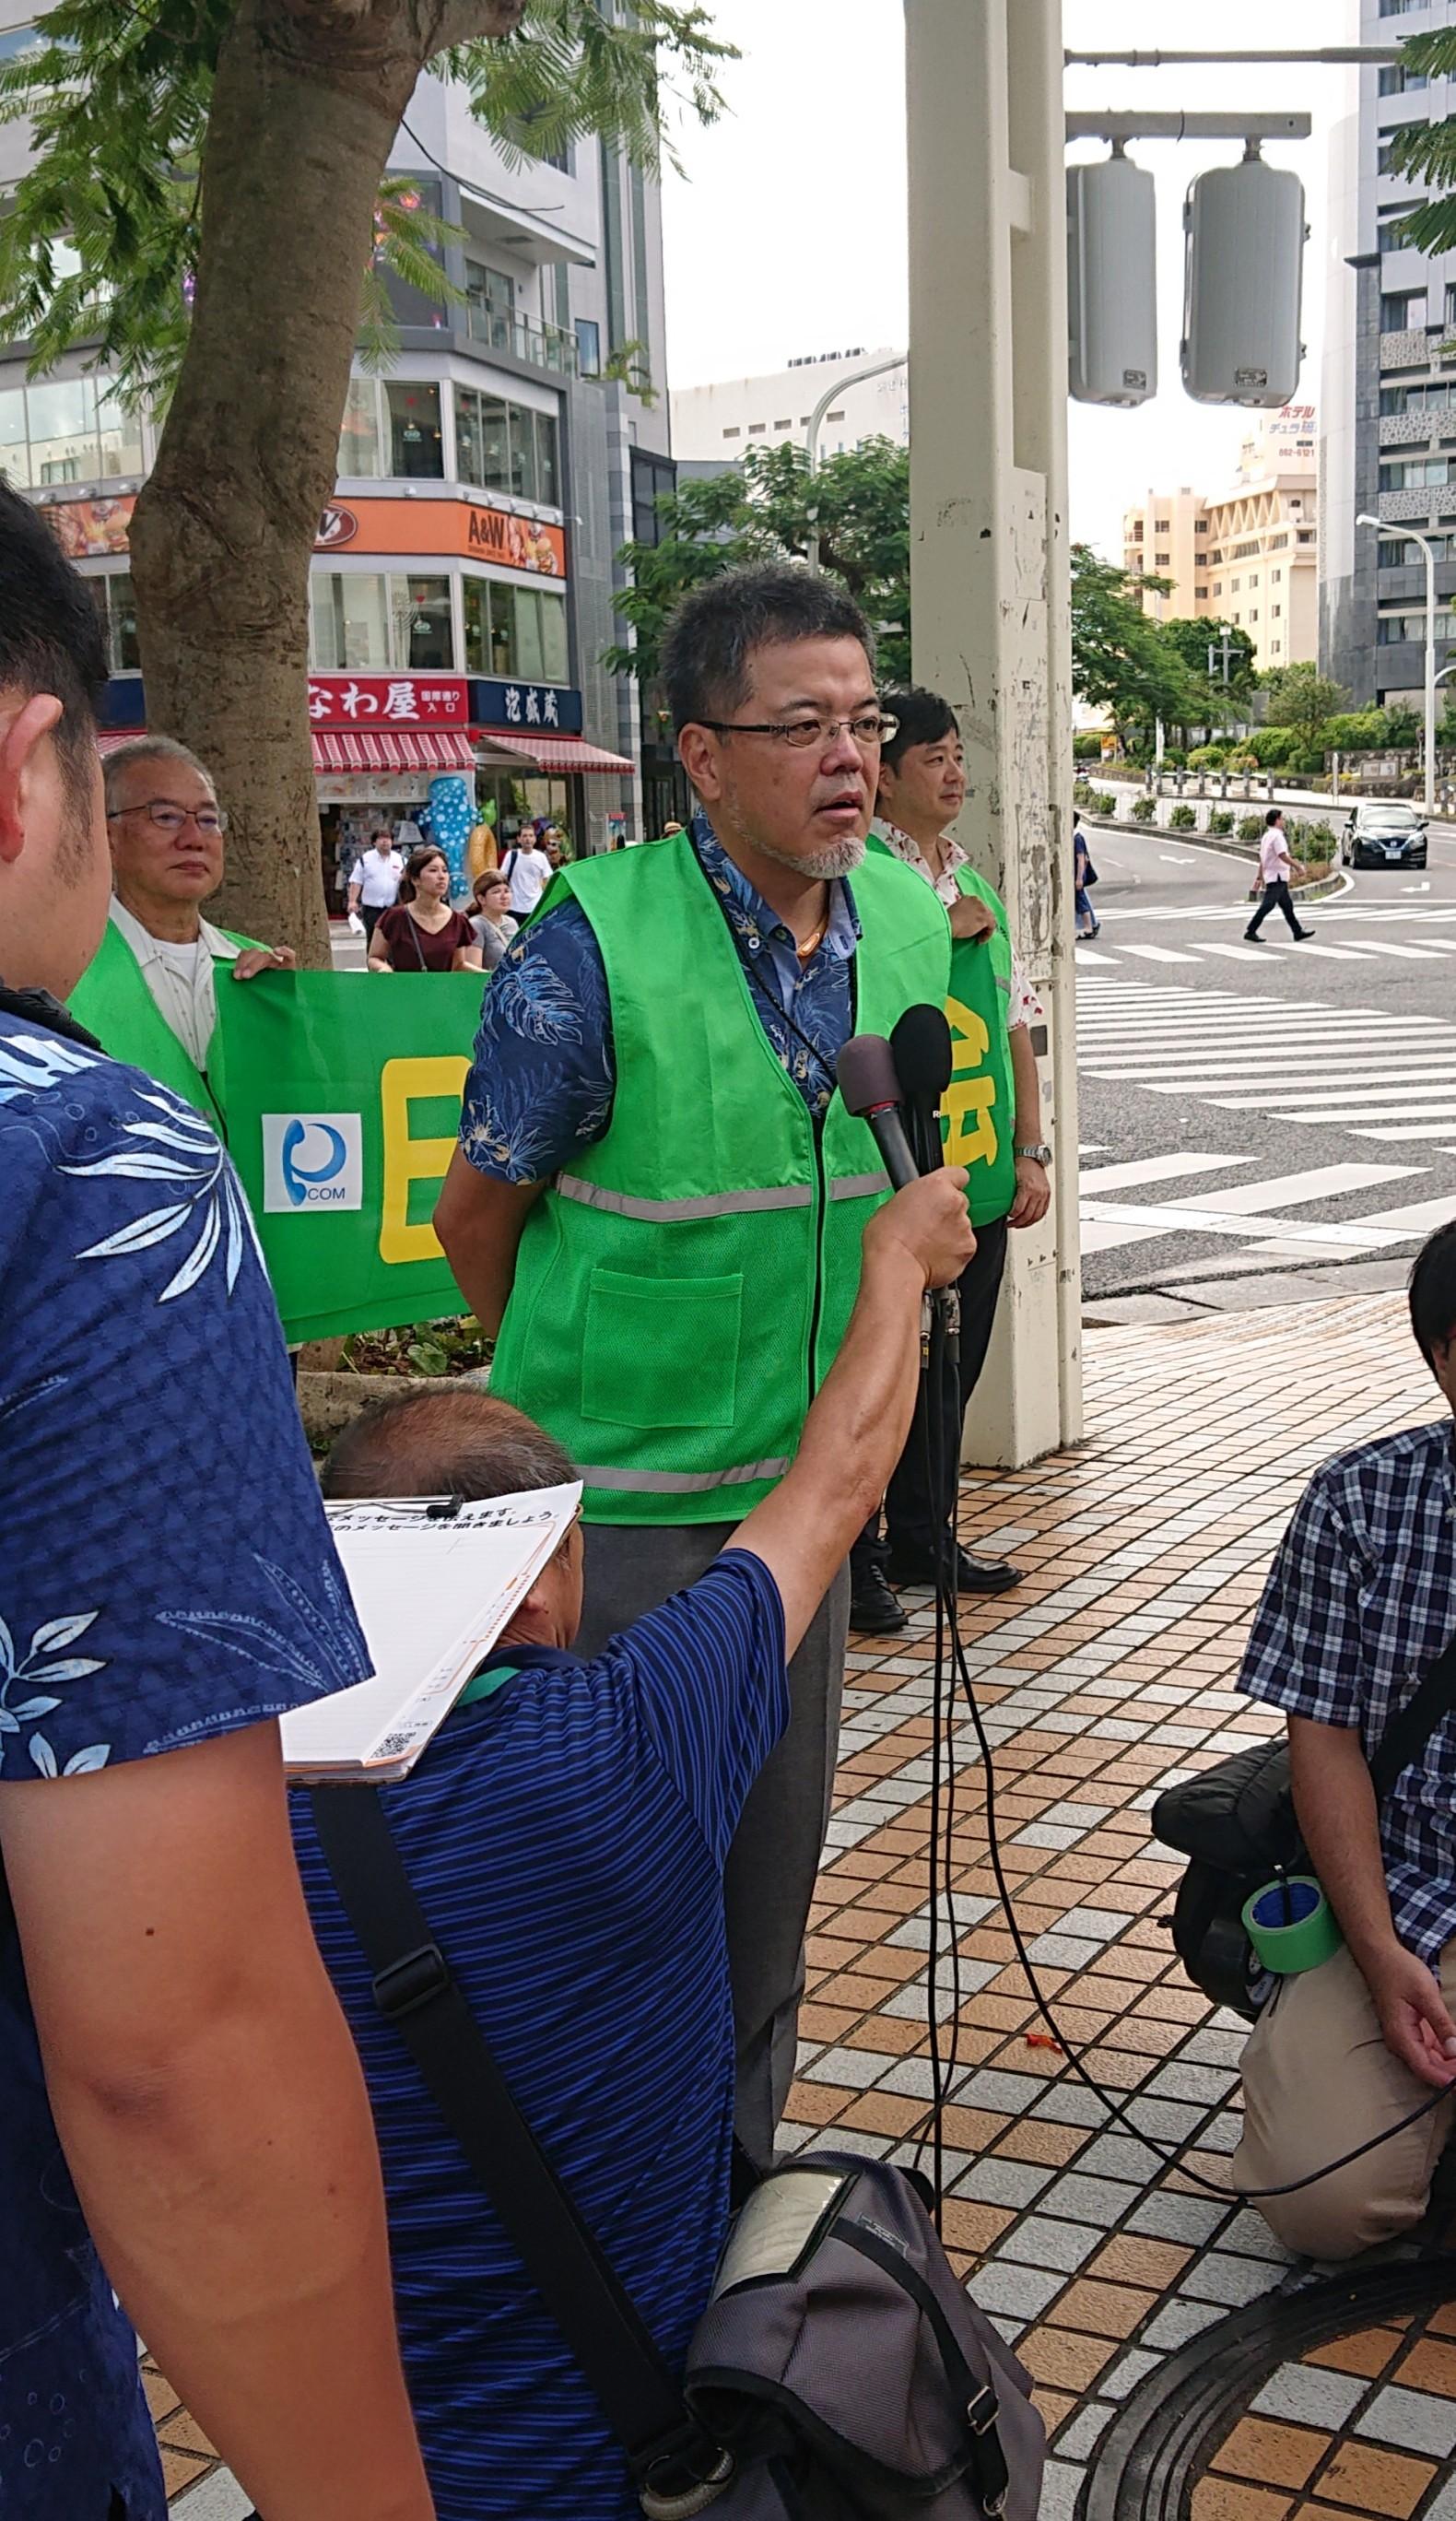 公益財団法人 日本公衆電話会活動